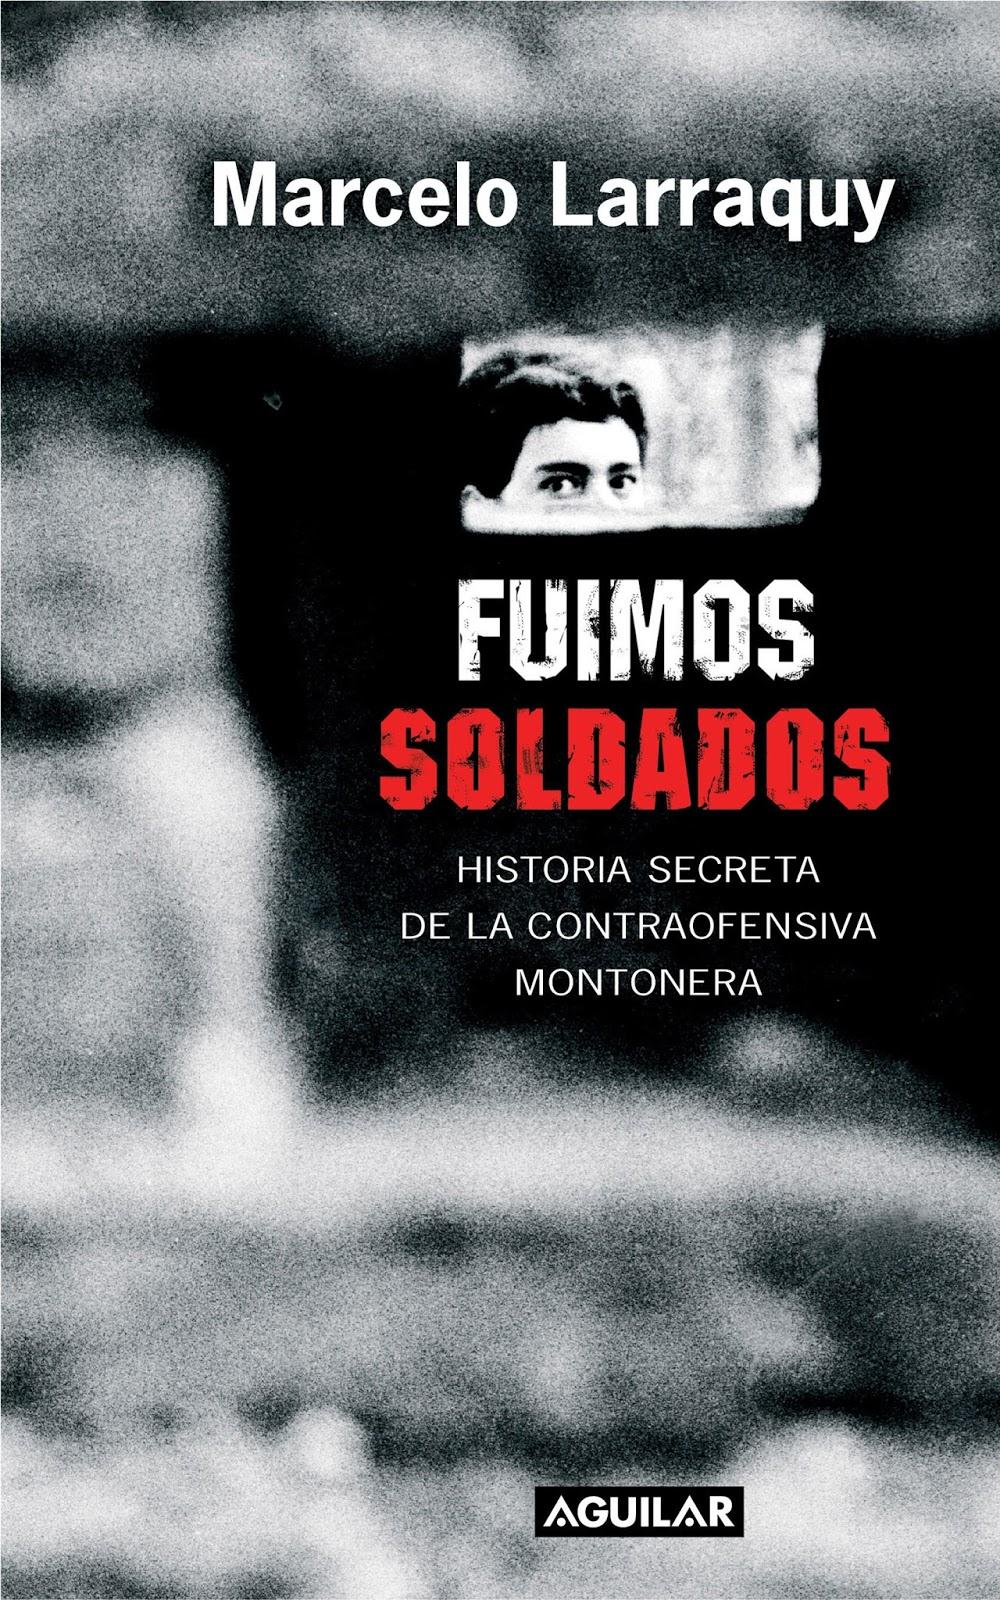 Fuimos soldados – Marcelo Larraquy